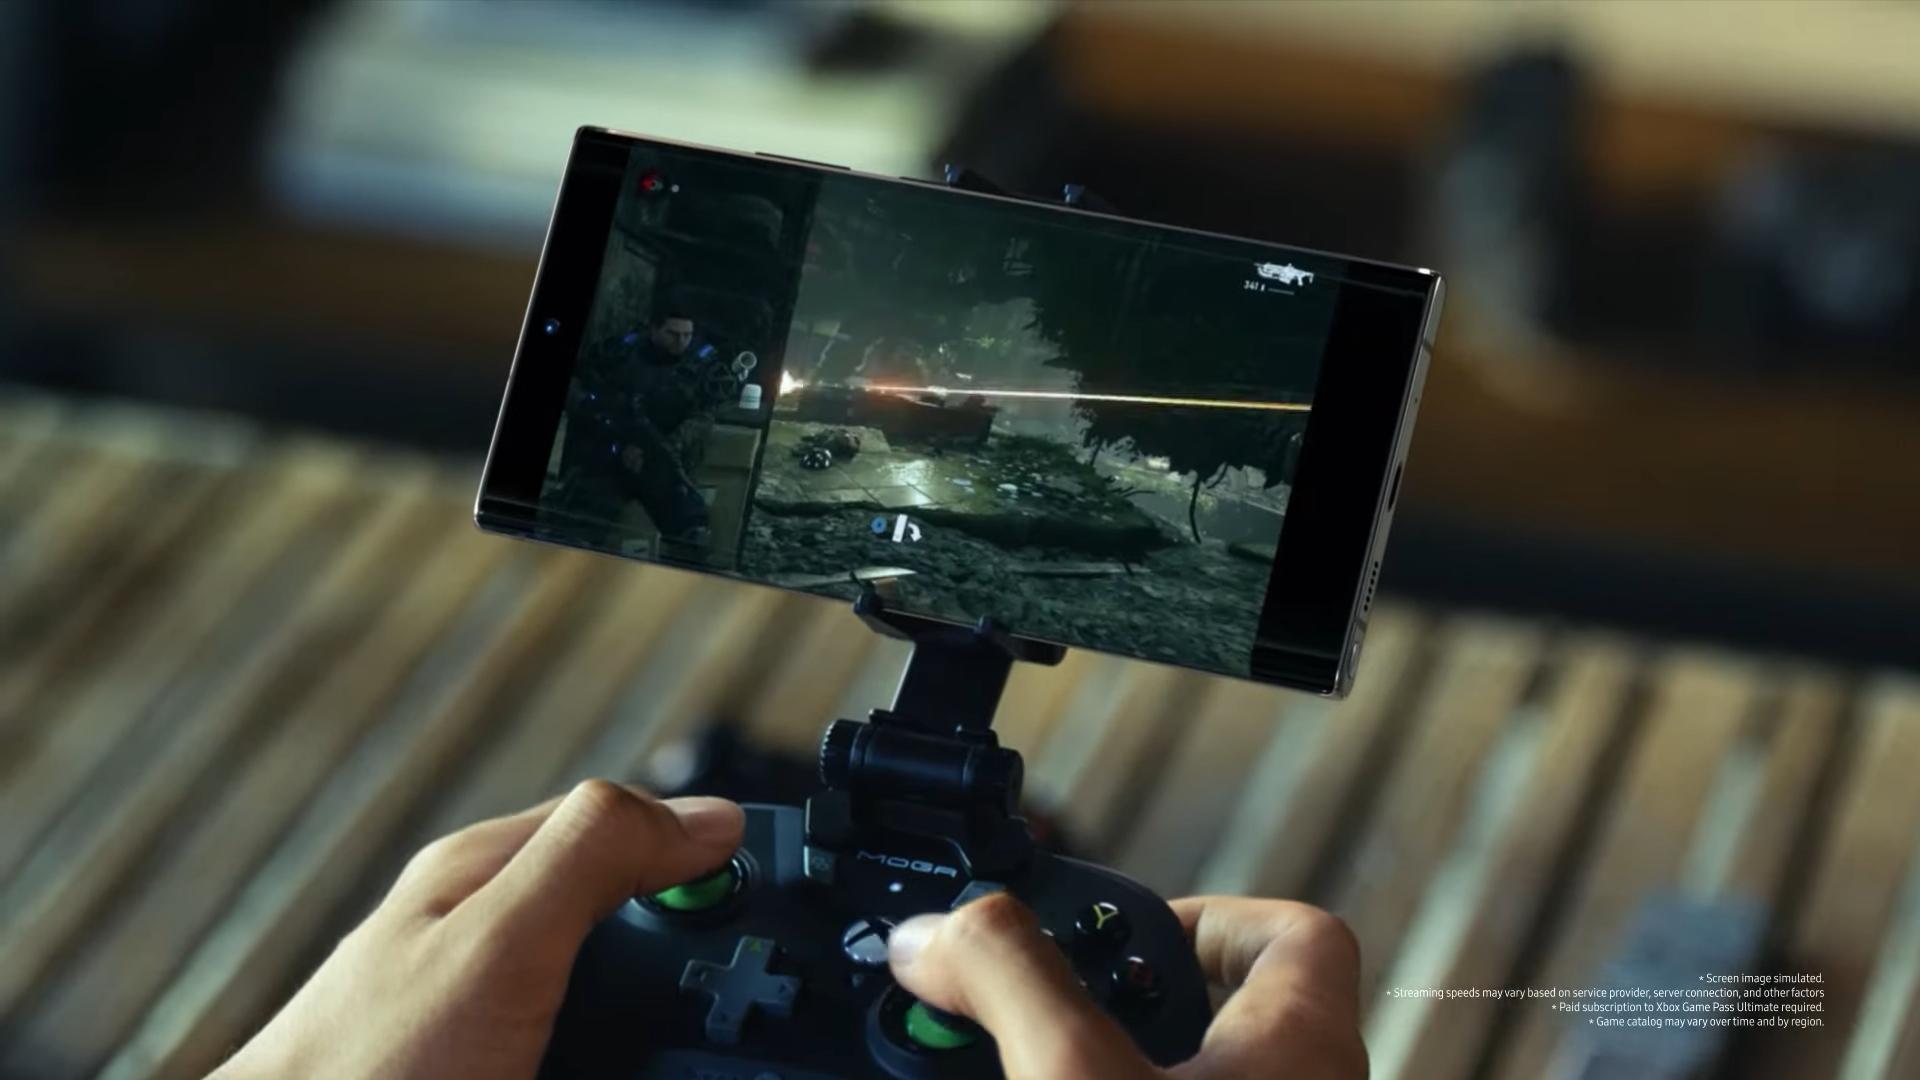 게이머 미스(Myth)가 '갤럭시 노트20'를 블루투스 게임 컨트롤러와 연동해 'MS 엑스박스 클라우드'에서 제공하는 게임 '기어스 5'를 플레이하고 있다. [사진=삼성전자]